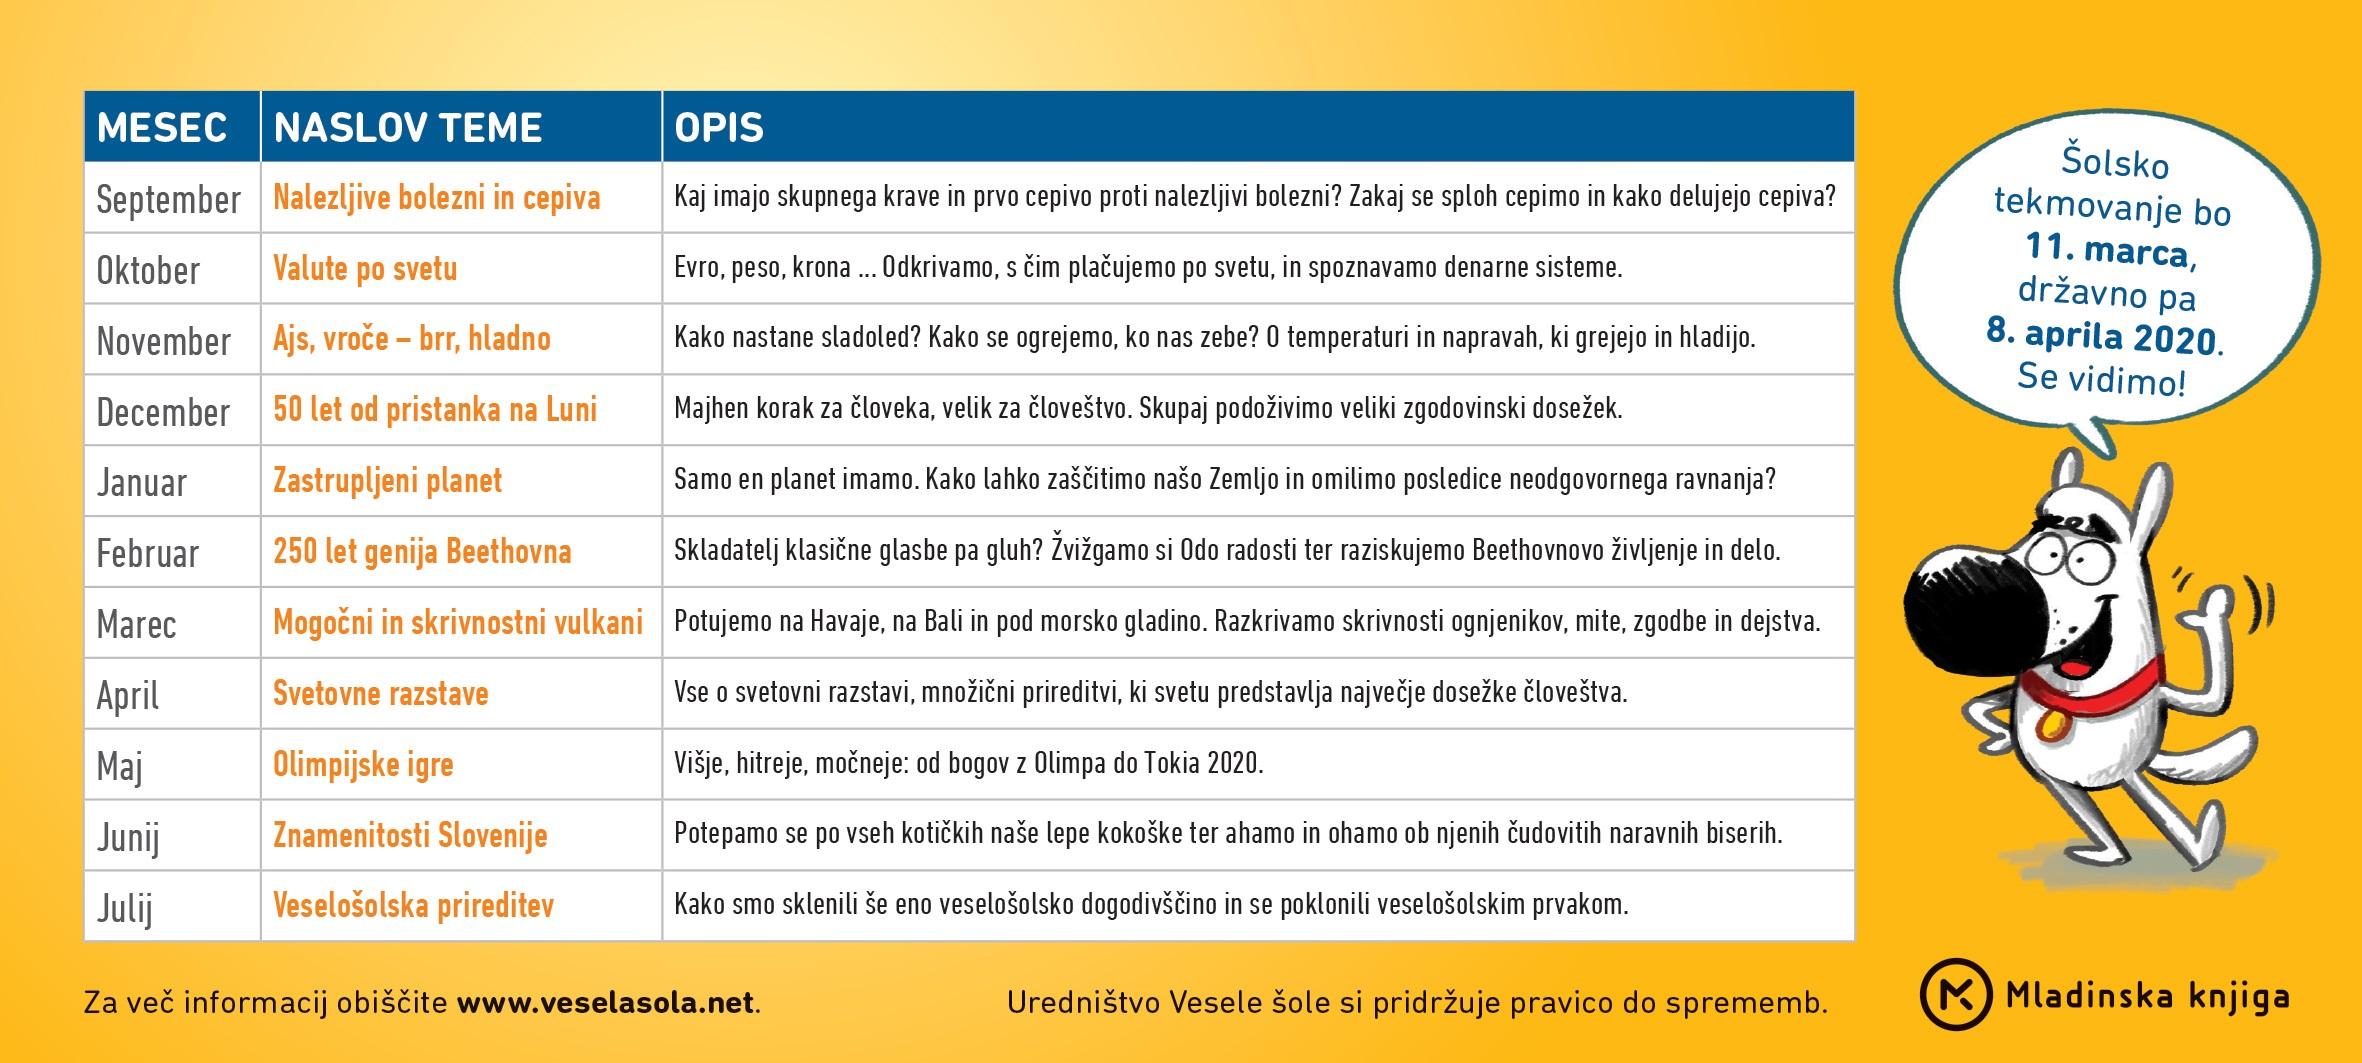 http://www.veselasola.net/wp-content/uploads/2019/09/Kartoncek-VESELA-SOLA-2019-2020-tisk-2.jpg